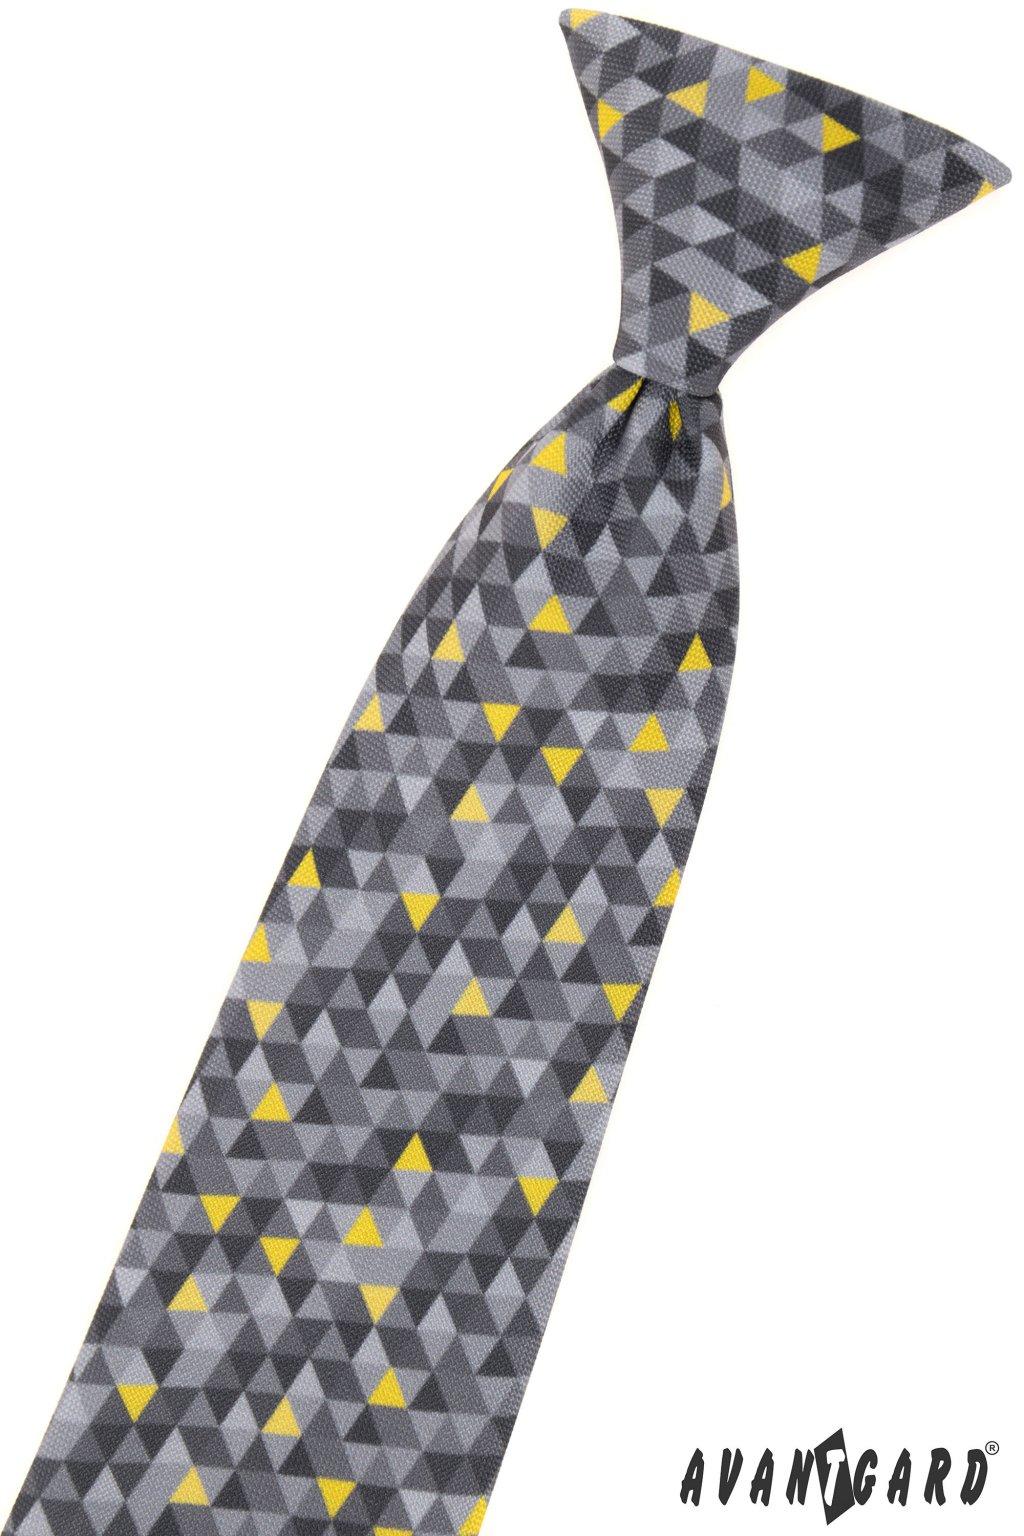 Chlapecká kravata, 548-2021, Šedá/žlutá, barva roku 2021